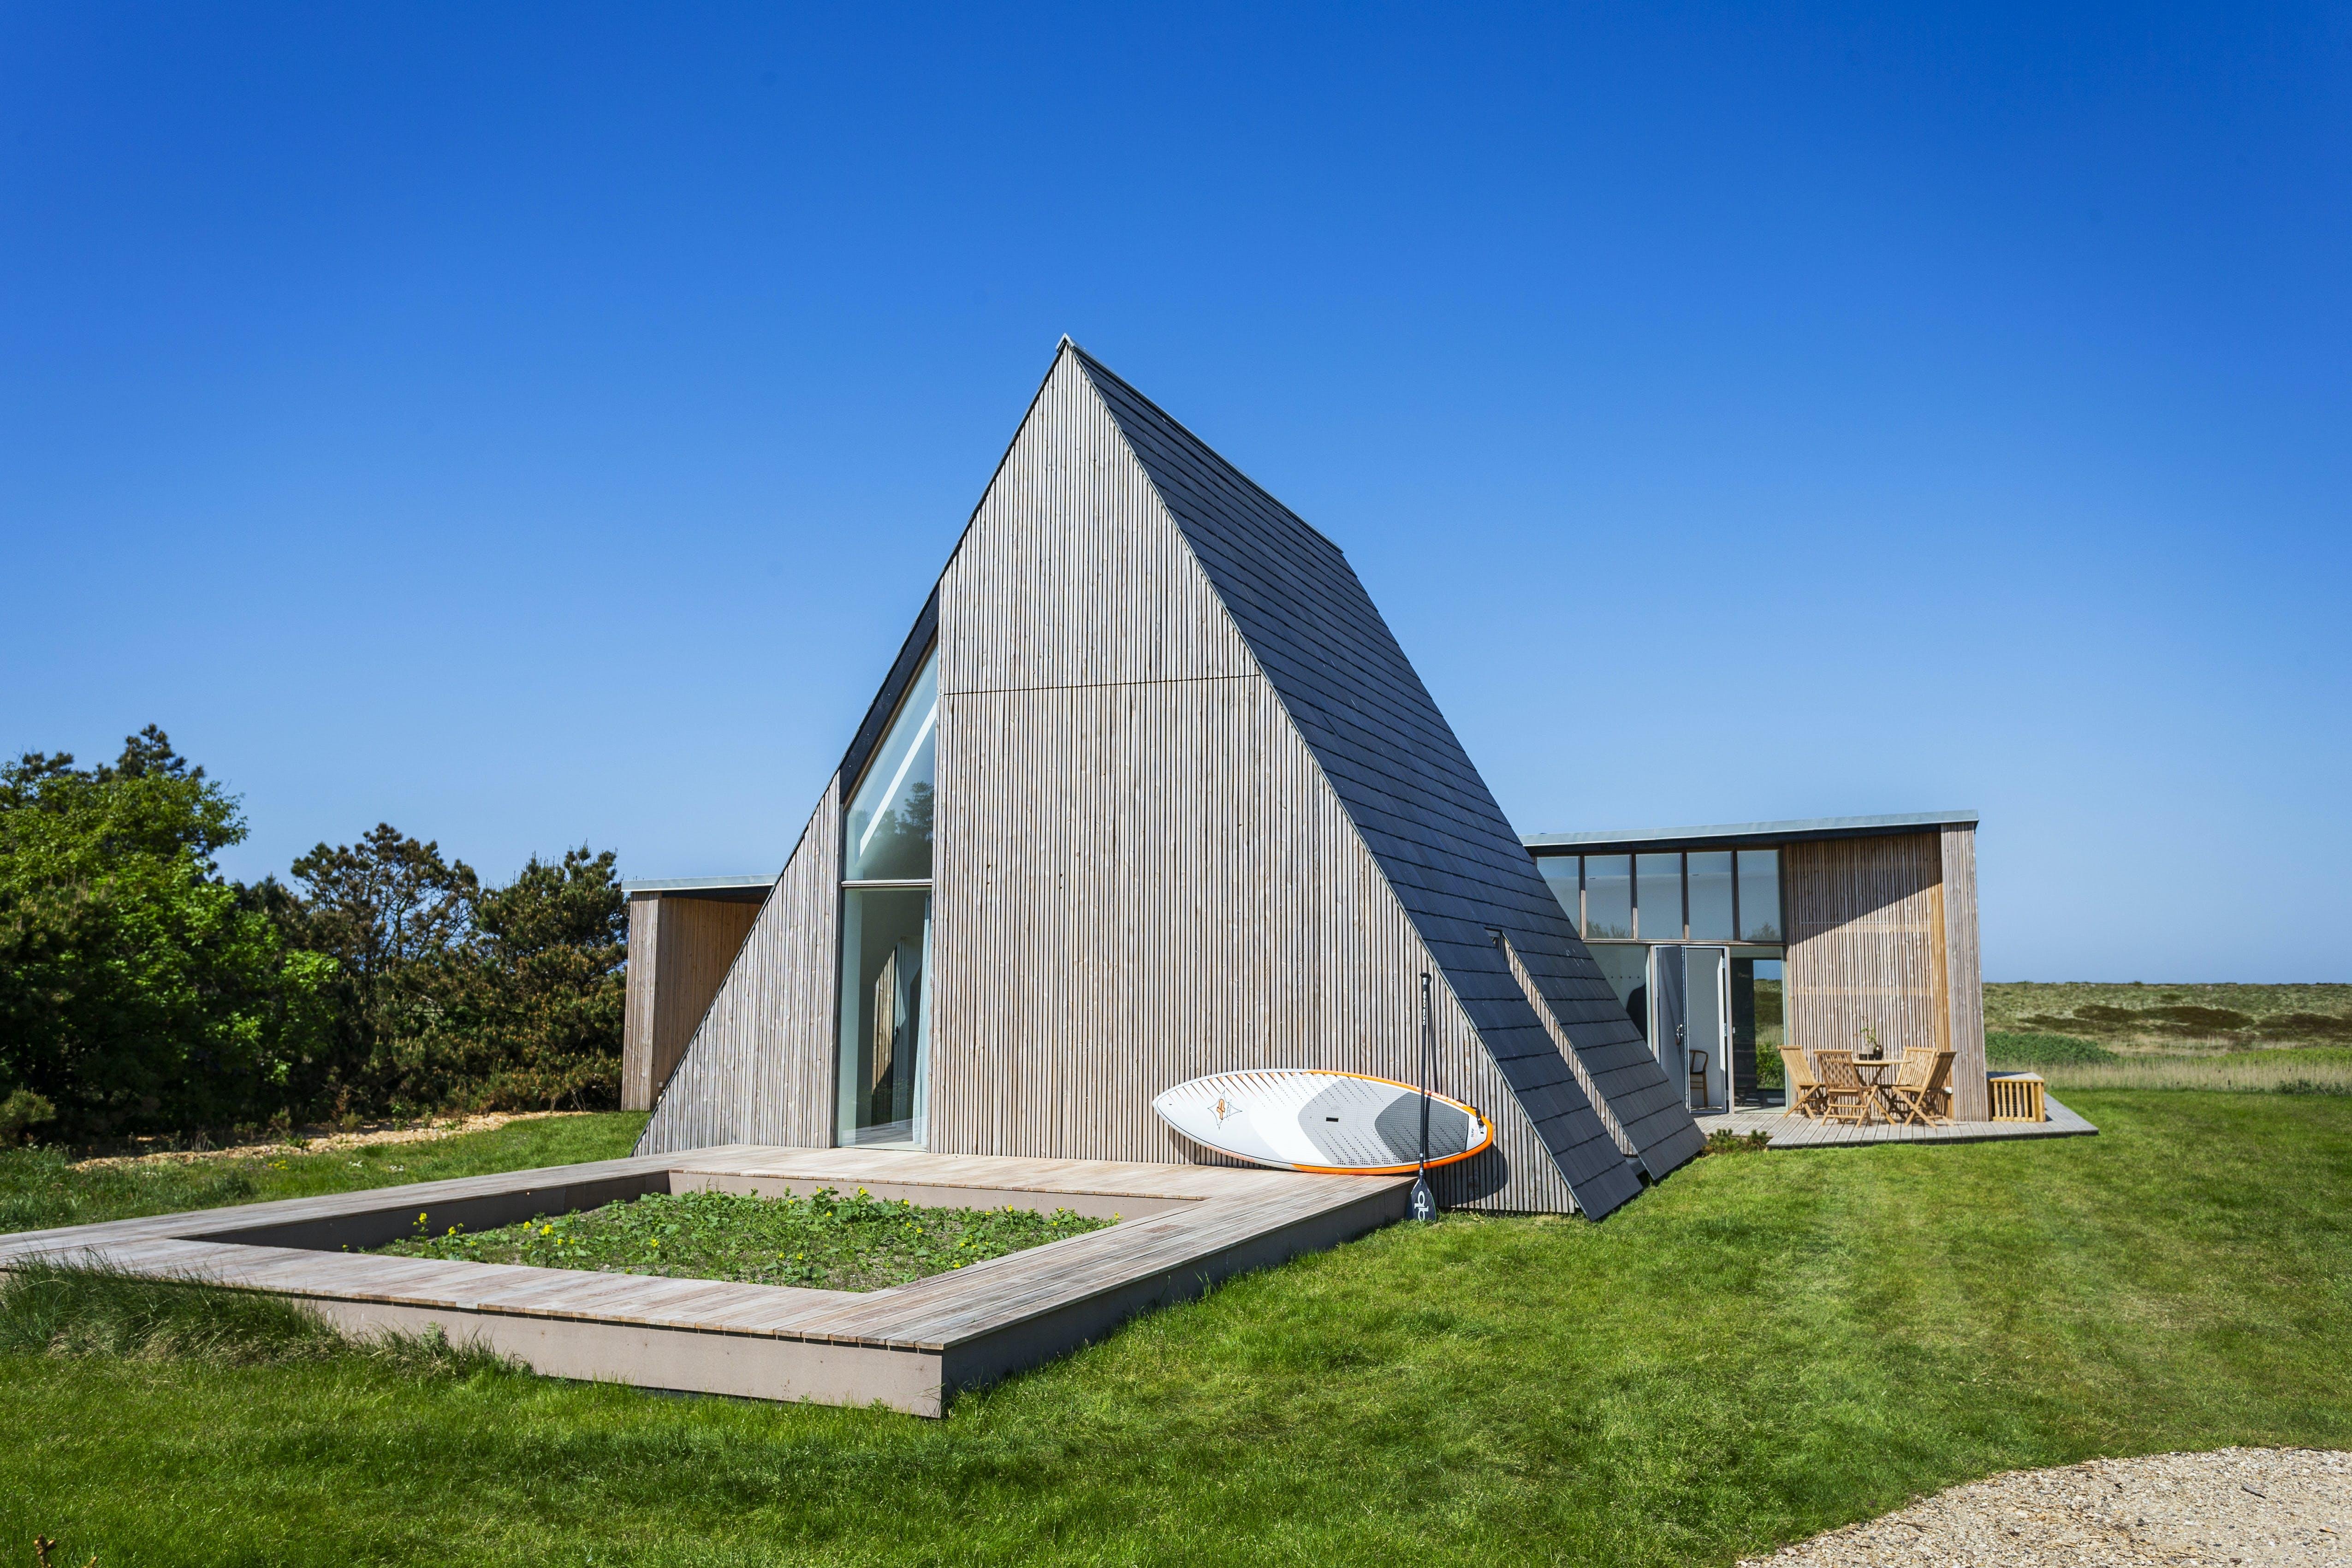 Minimalistisk og råt A-formet sommerhus